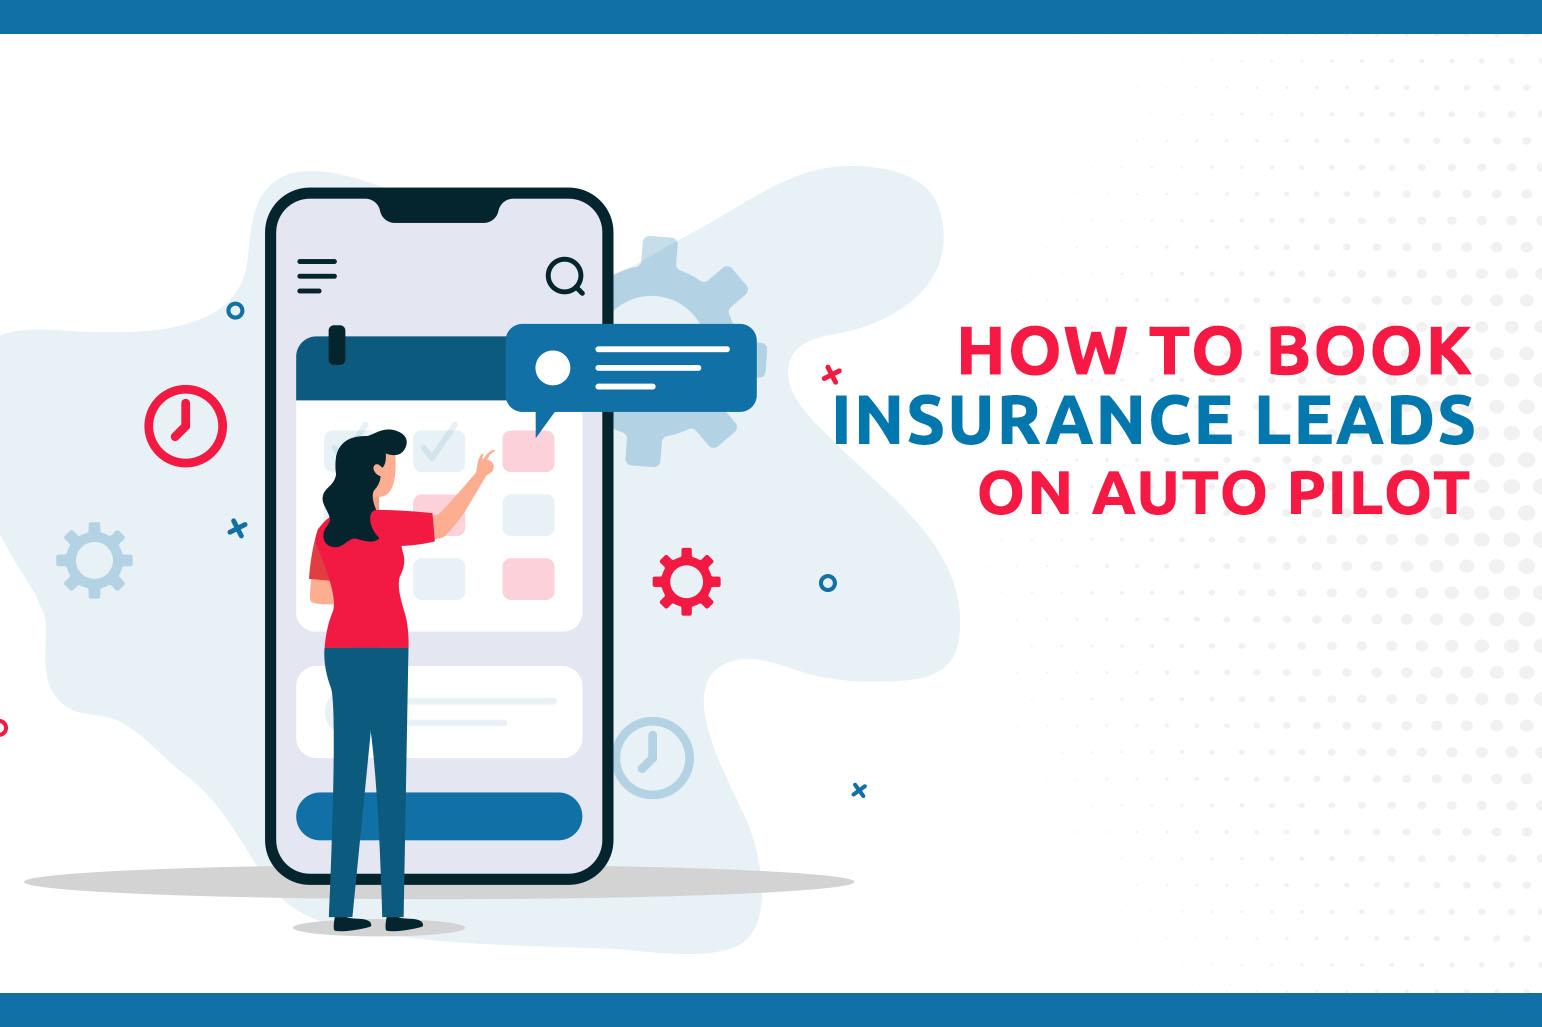 Cómo reservar el seguro de pistas en el piloto automático